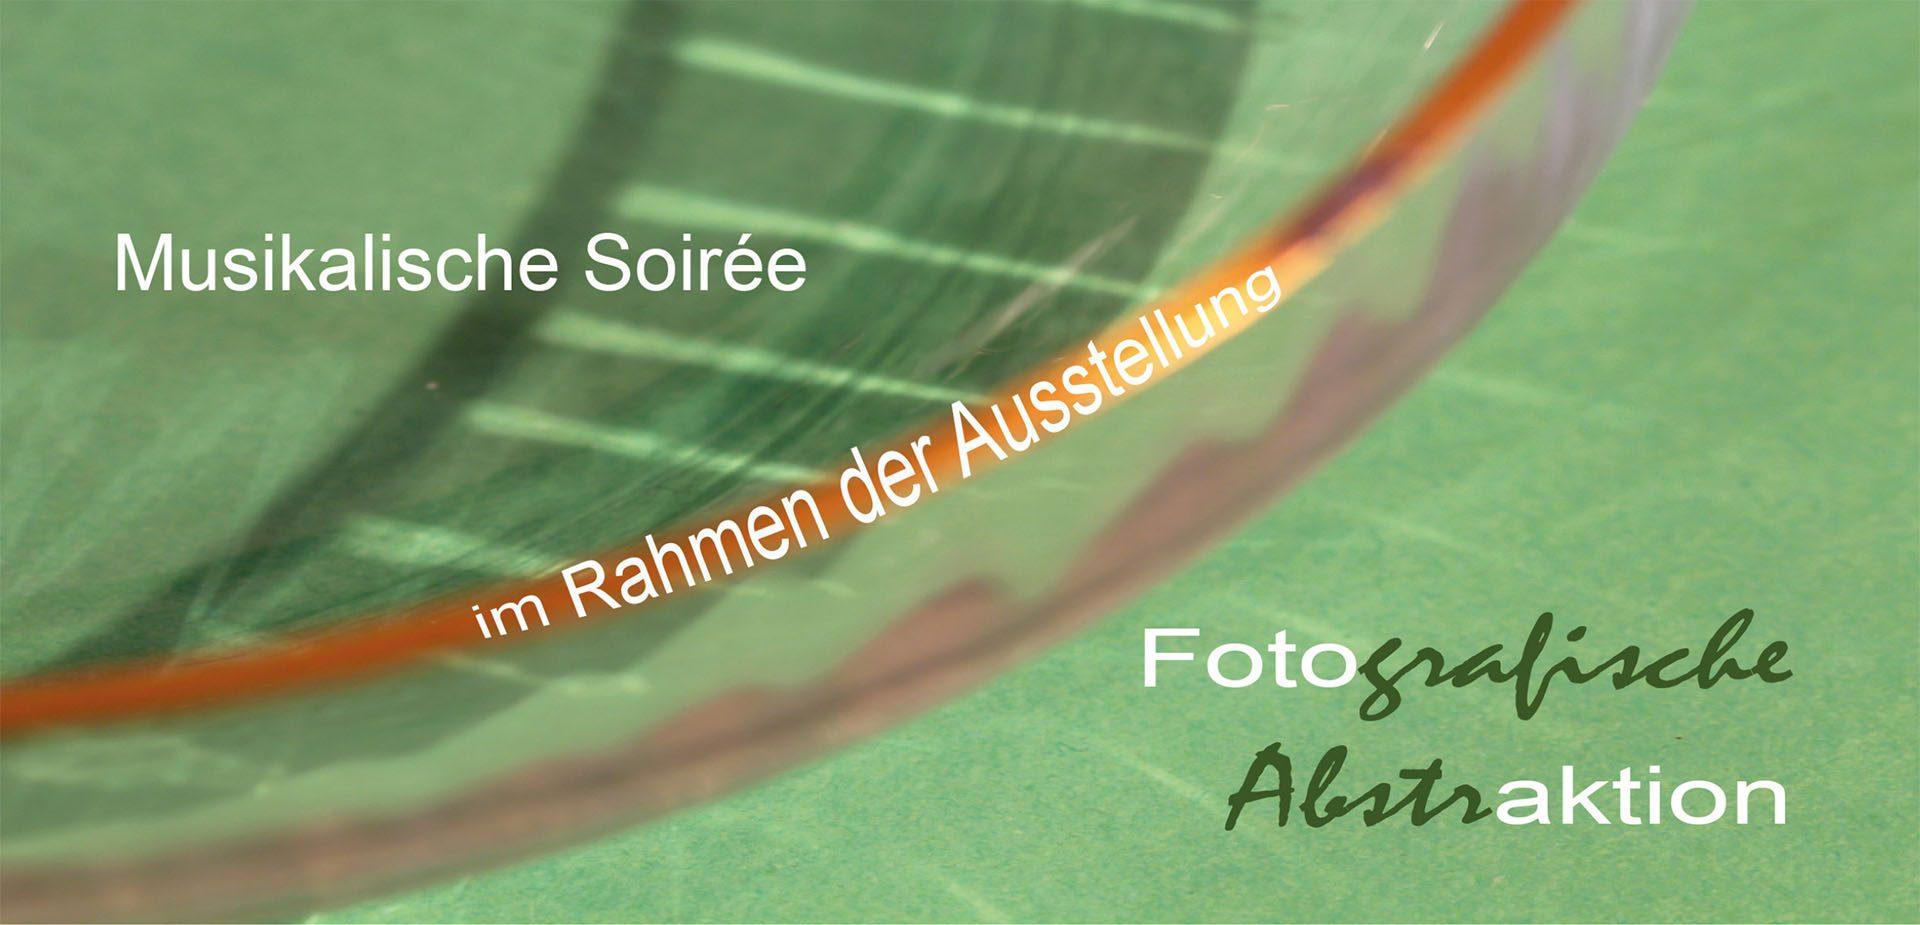 Einladungskarte zur Soirée mit Zsuzsa Debré